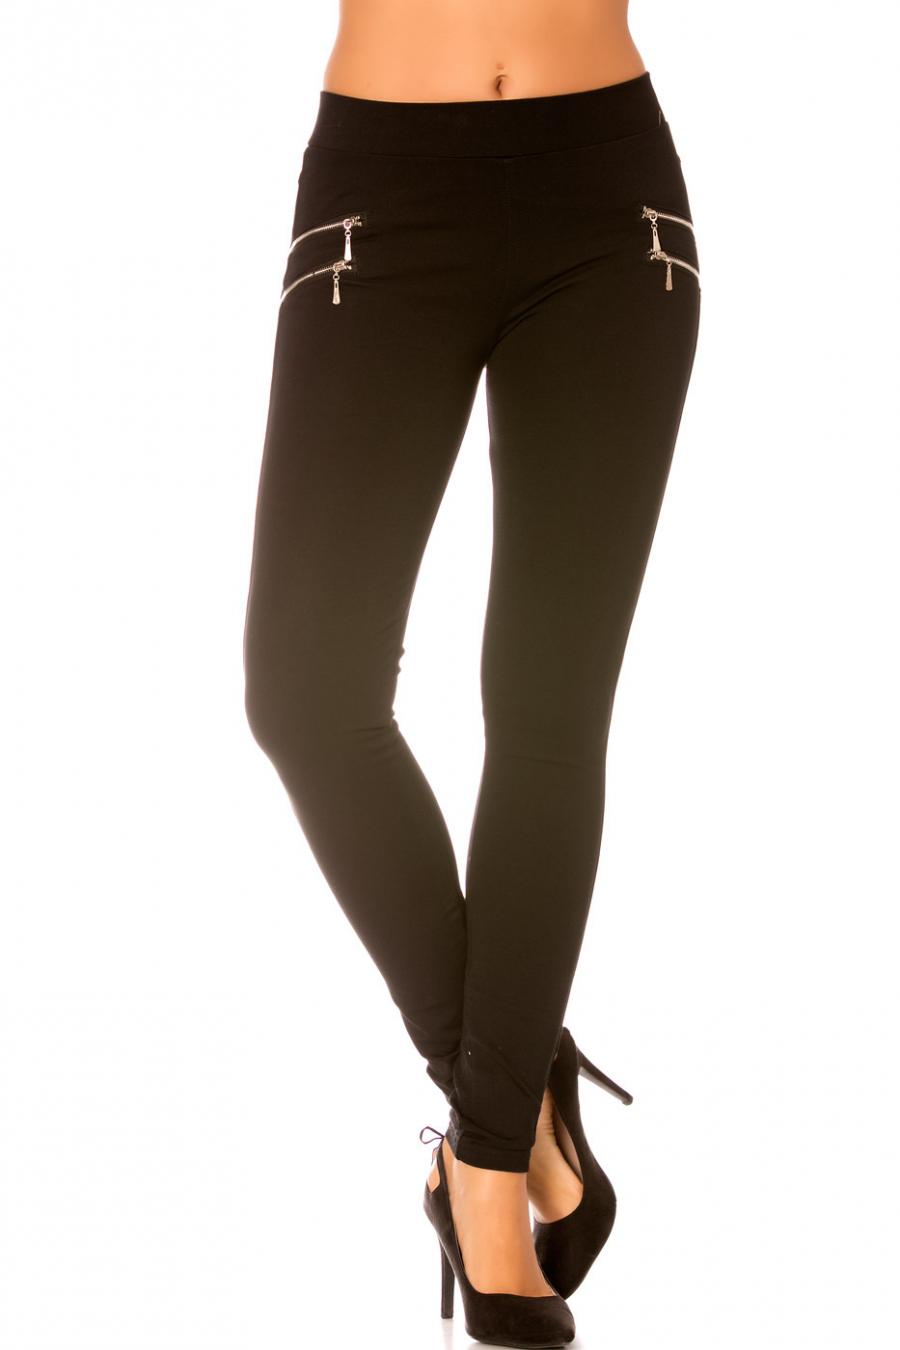 Pantalon Noir avec double Zip argenté sur le côté - SD076